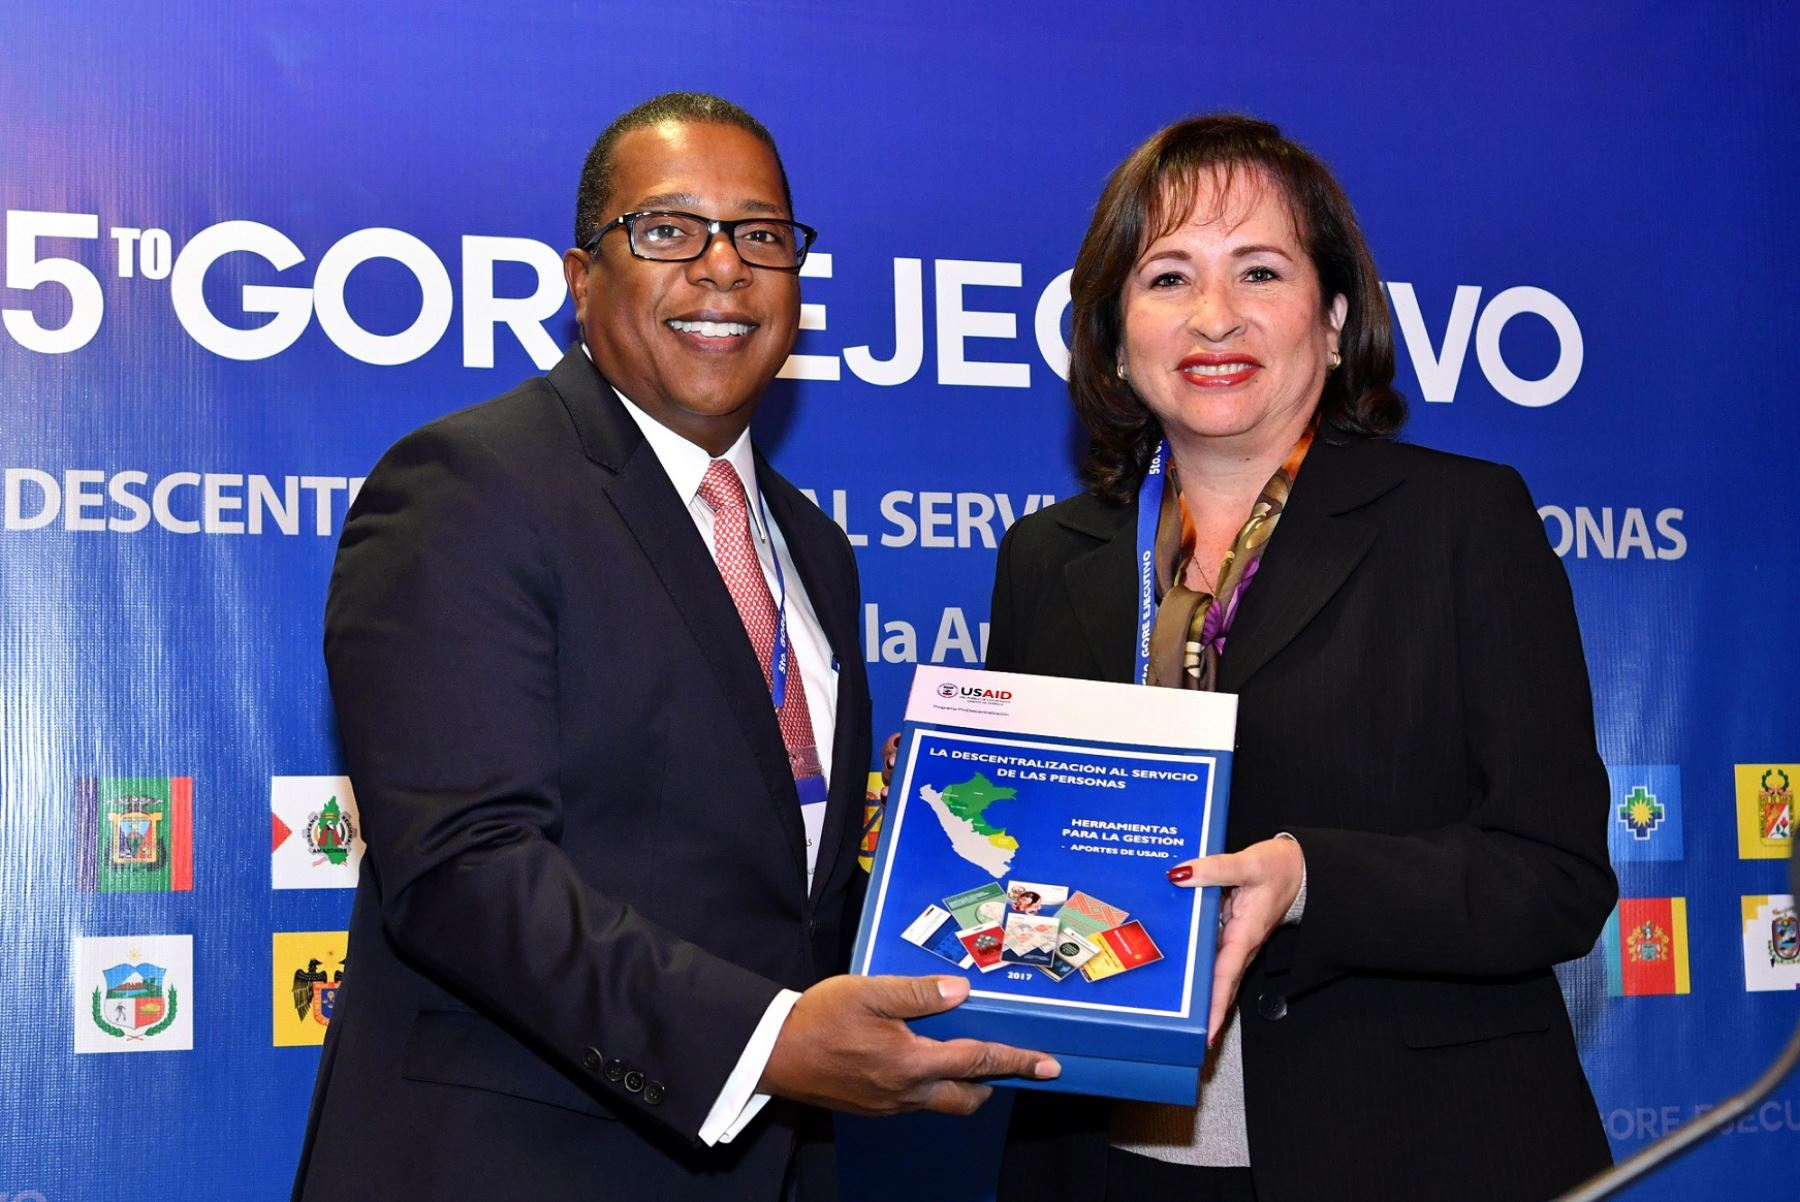 Embajador de Estados Unidos en Perú, Brian Nichols, junto a ministra del Ambiente, Elsa Galarza.